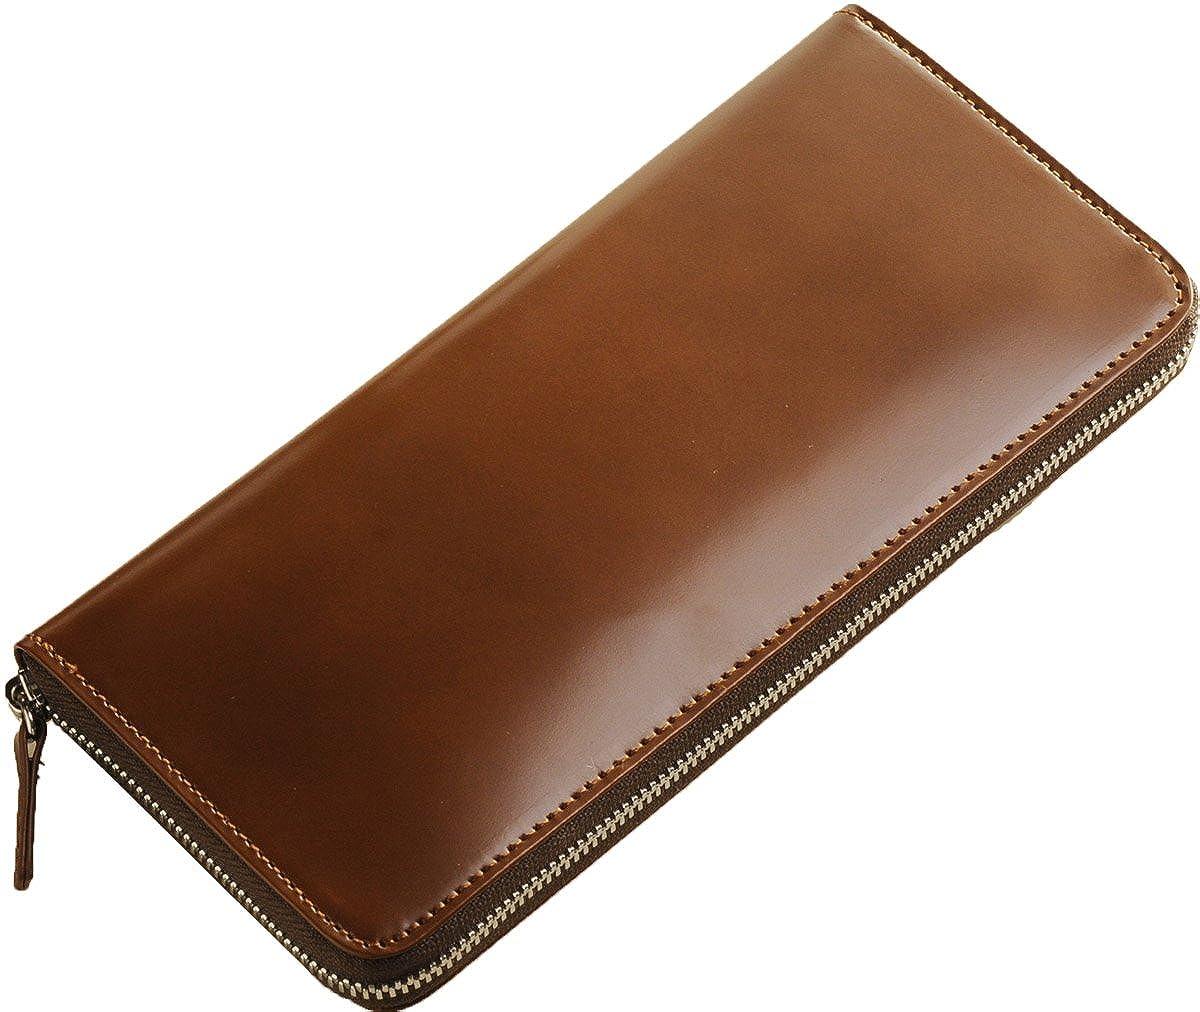 25b75f70fc6a 大学卒業祝いに贈るクールでかっこいい人気のレザー財布【予算20,000円】のおすすめプレゼントランキング|ocruyo(オクルヨ)